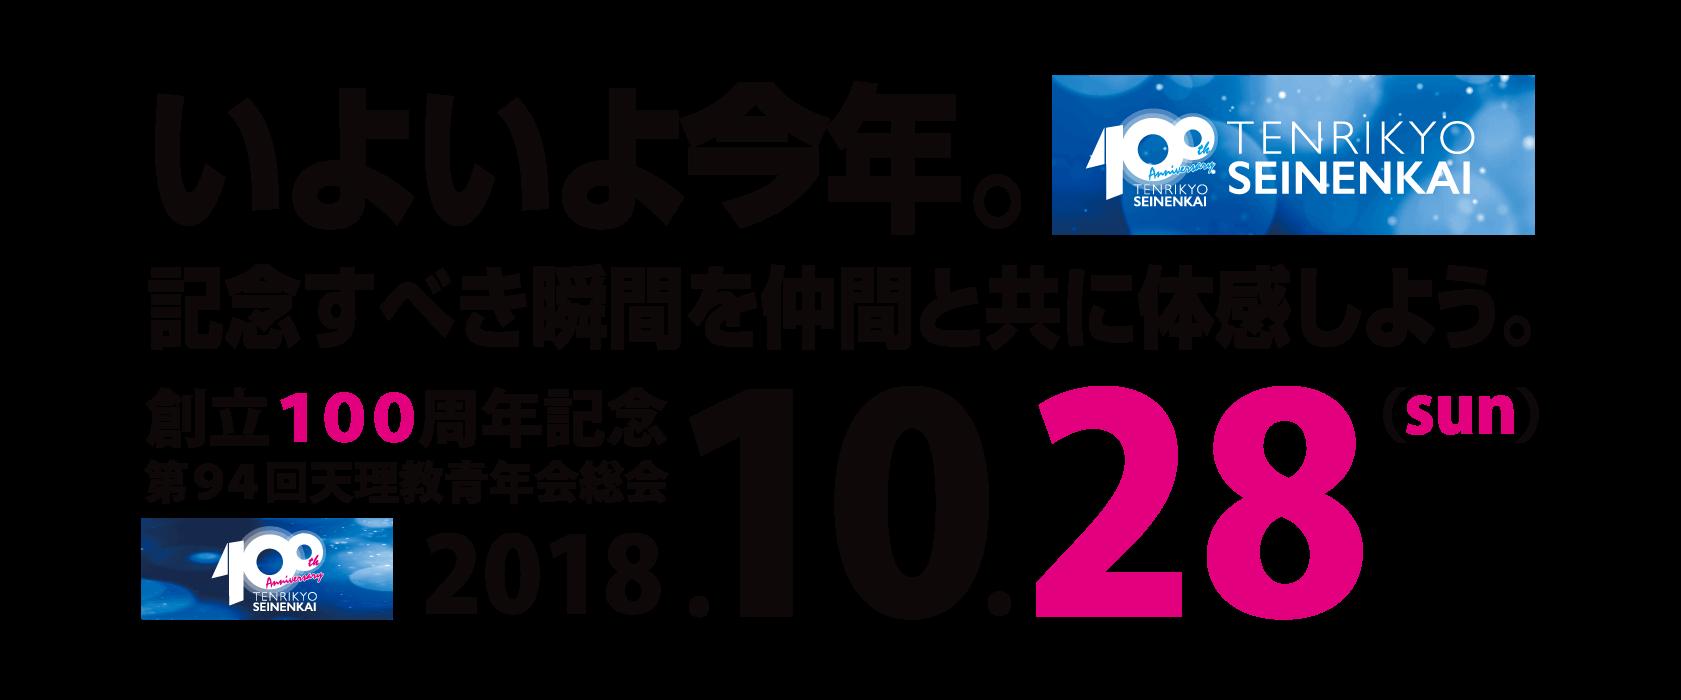 創立100周年記念総会